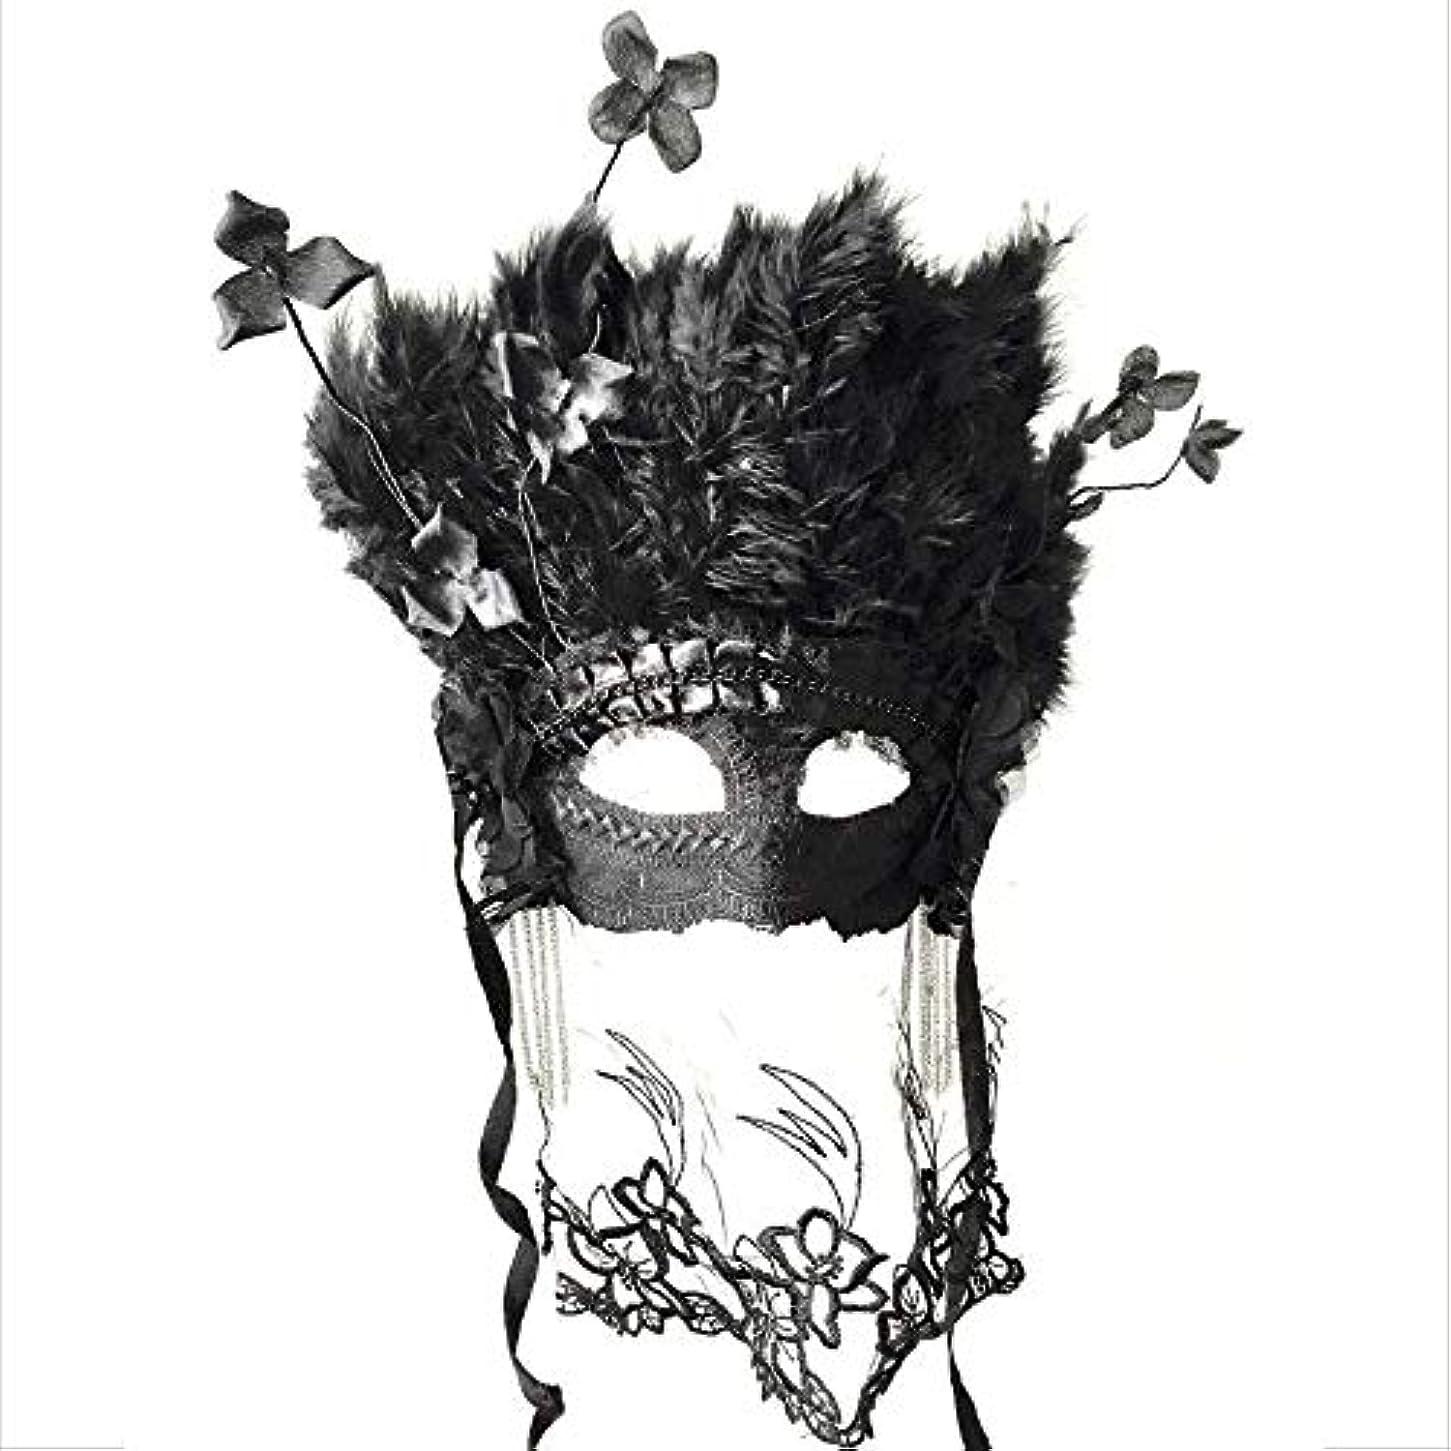 おばさん素晴らしいですゆるくNanle ハロウィンクリスマスベールドライフラワーフェザータッセルマスク仮装マスクレディミスプリンセス美容祭パーティーデコレーションマスク